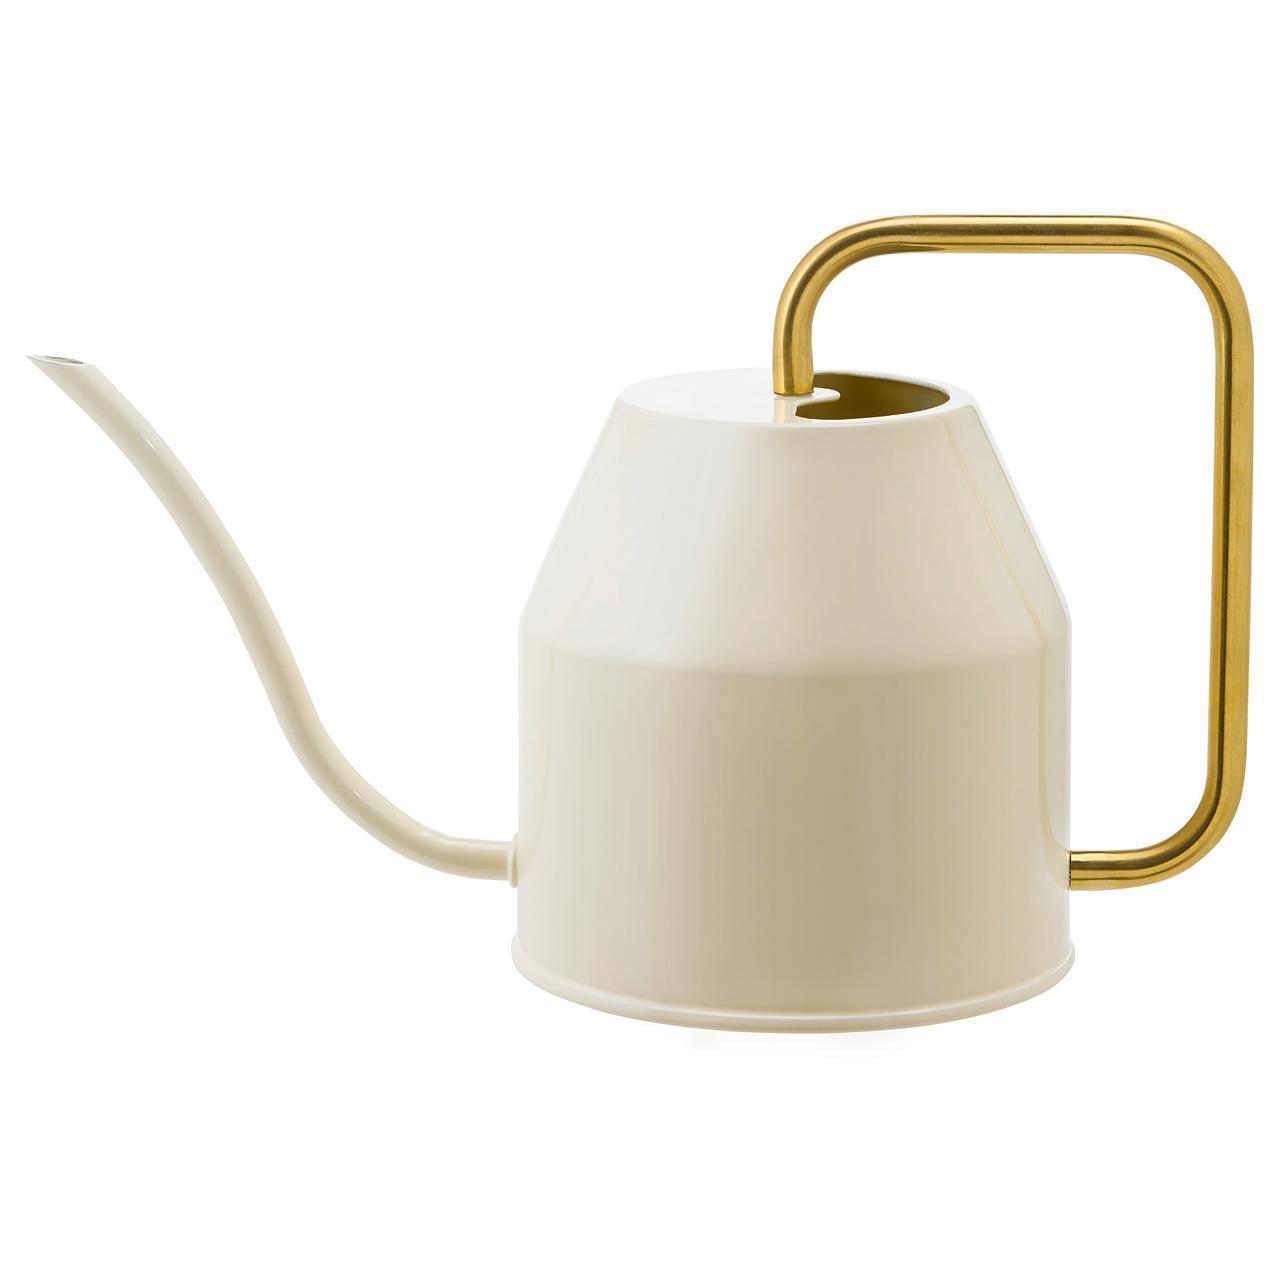 Лейка IKEA VATTENKRASSE 0.9 л цвет слоновой кости 403.941.18